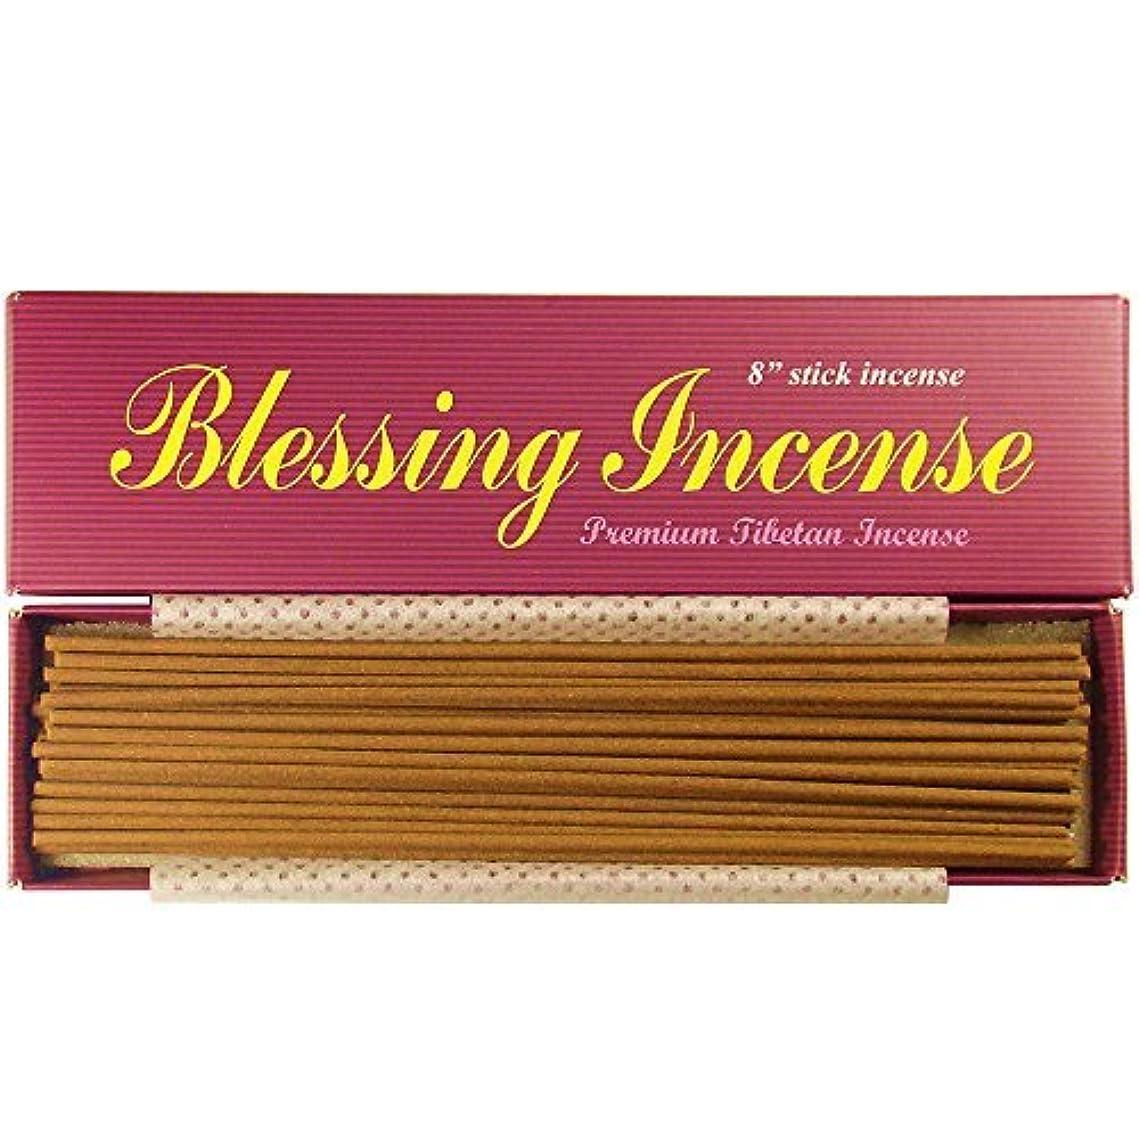 公平舞い上がる章Blessing Incense - 8 Stick Incense - 100% Natural - C003T [並行輸入品]